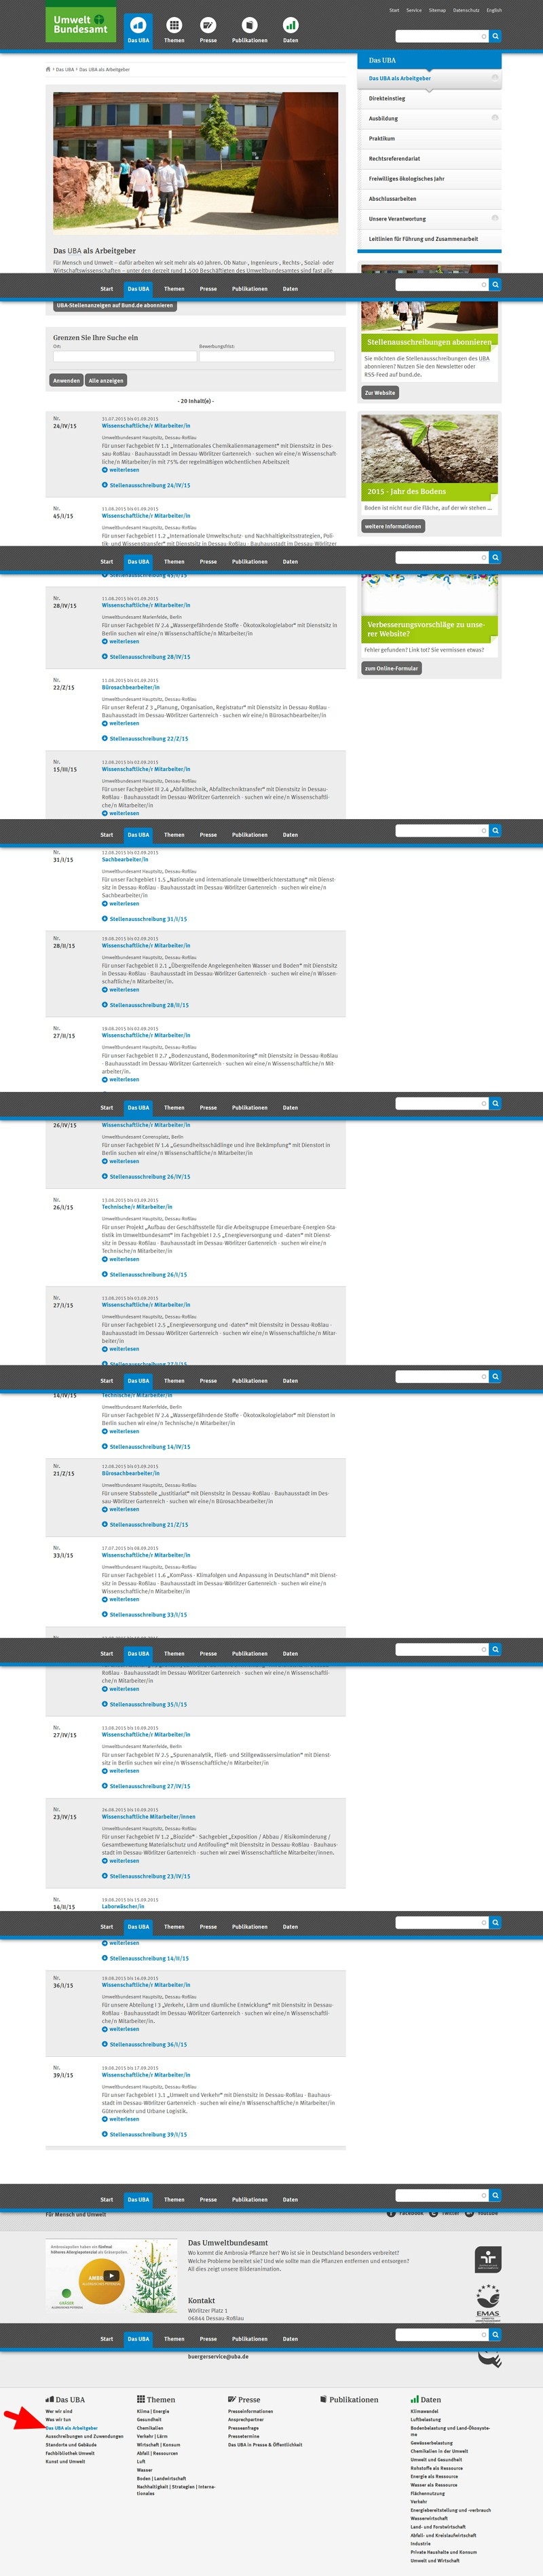 Die Karriere-Website des Bundesumweltamts